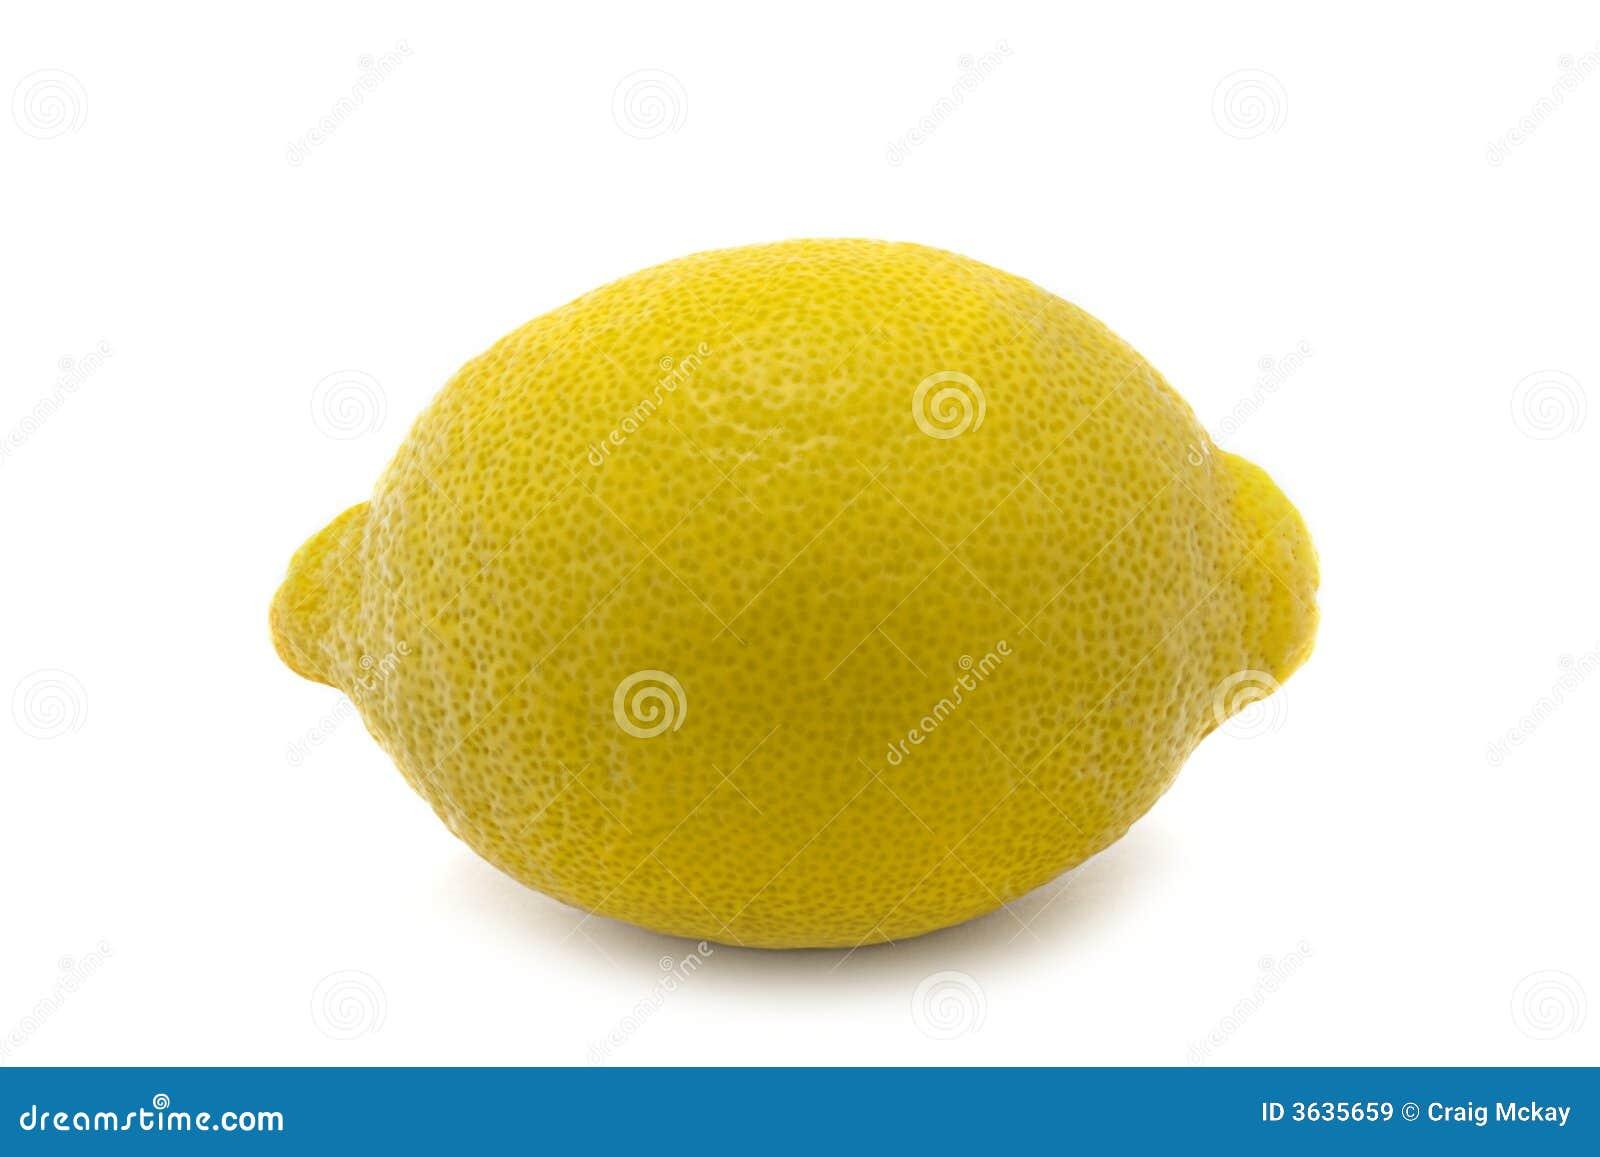 Isolated lemon whole